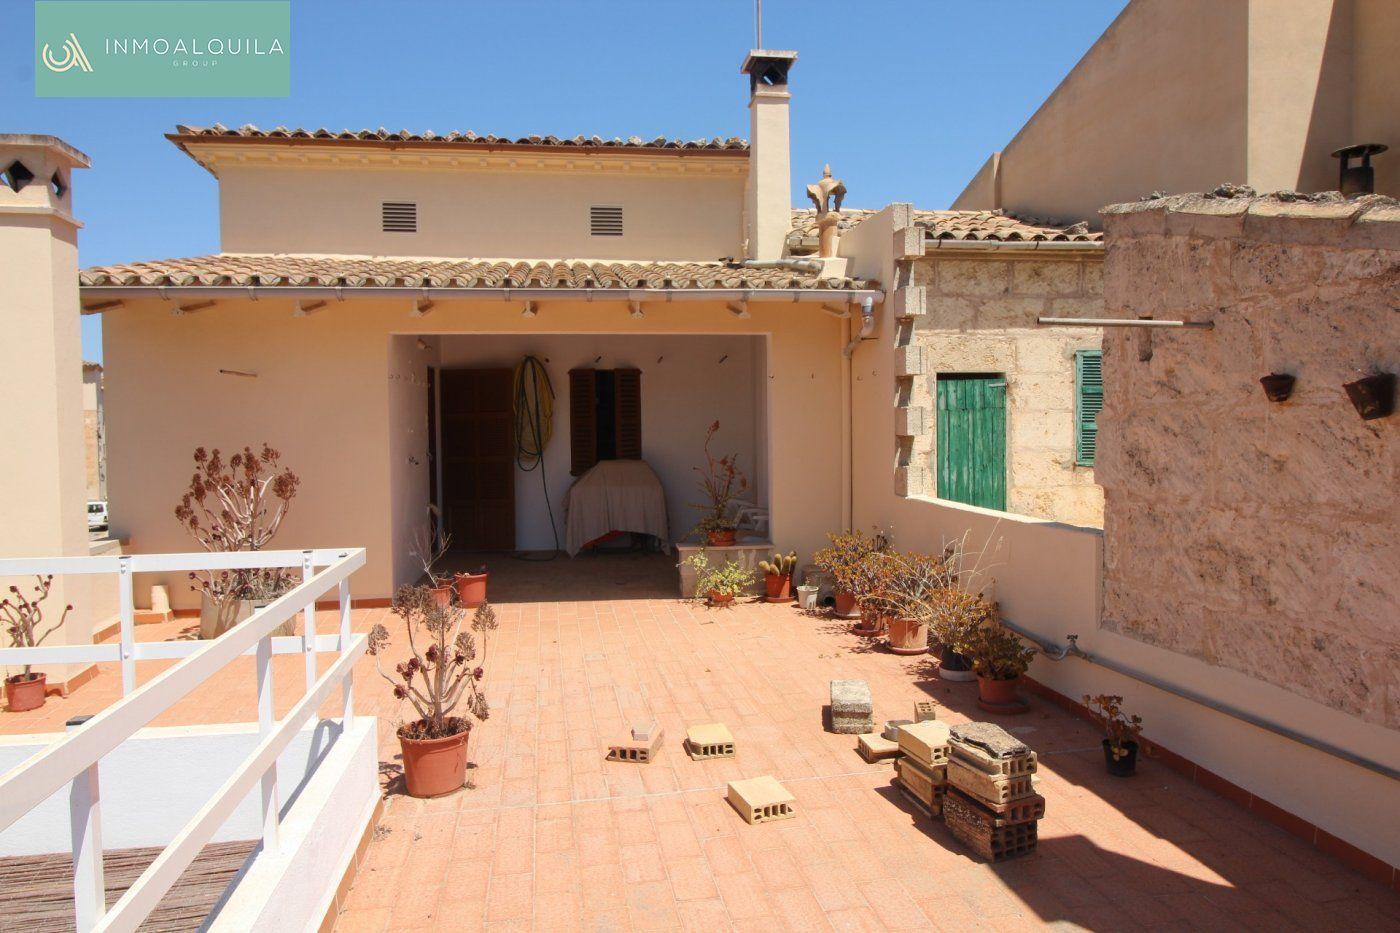 Rent House  Muro ,muro. Casa de pueblo en muro 3 hab, 2 baños, terraza y garaje